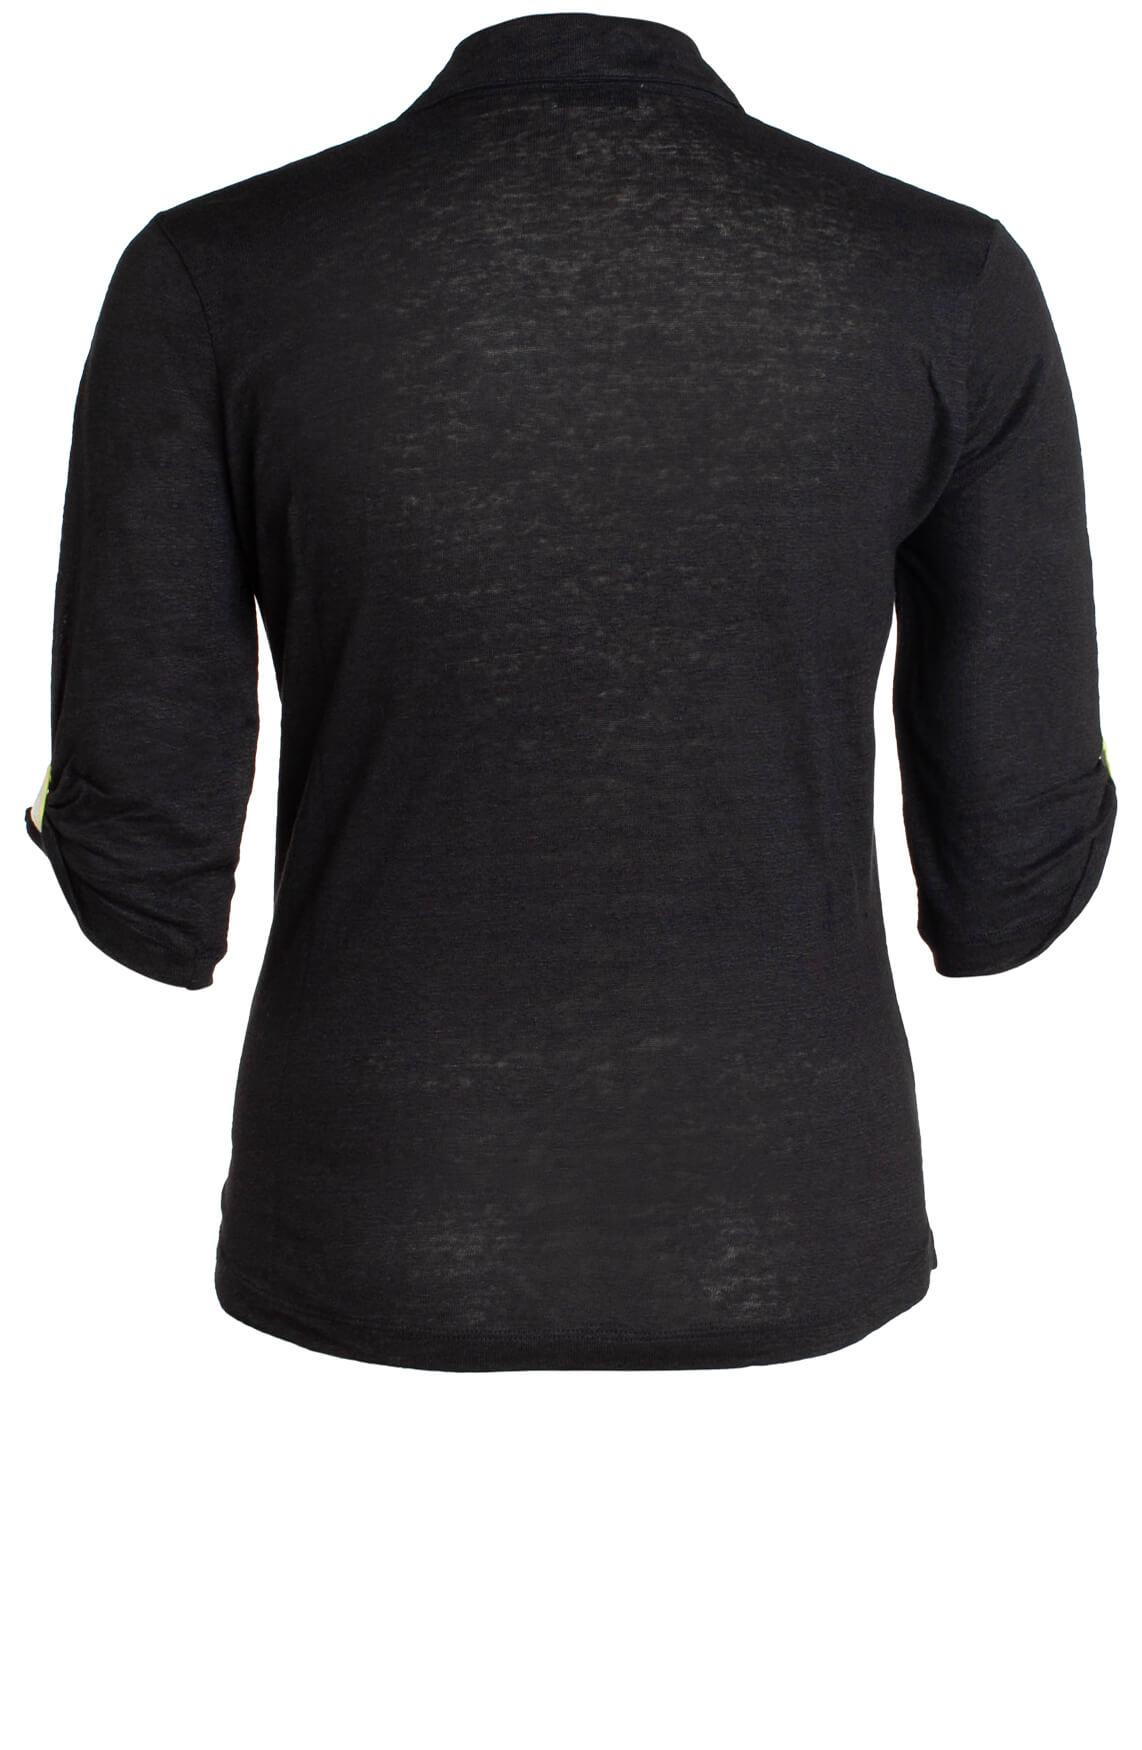 Anna Dames Linnen polo shirt zwart